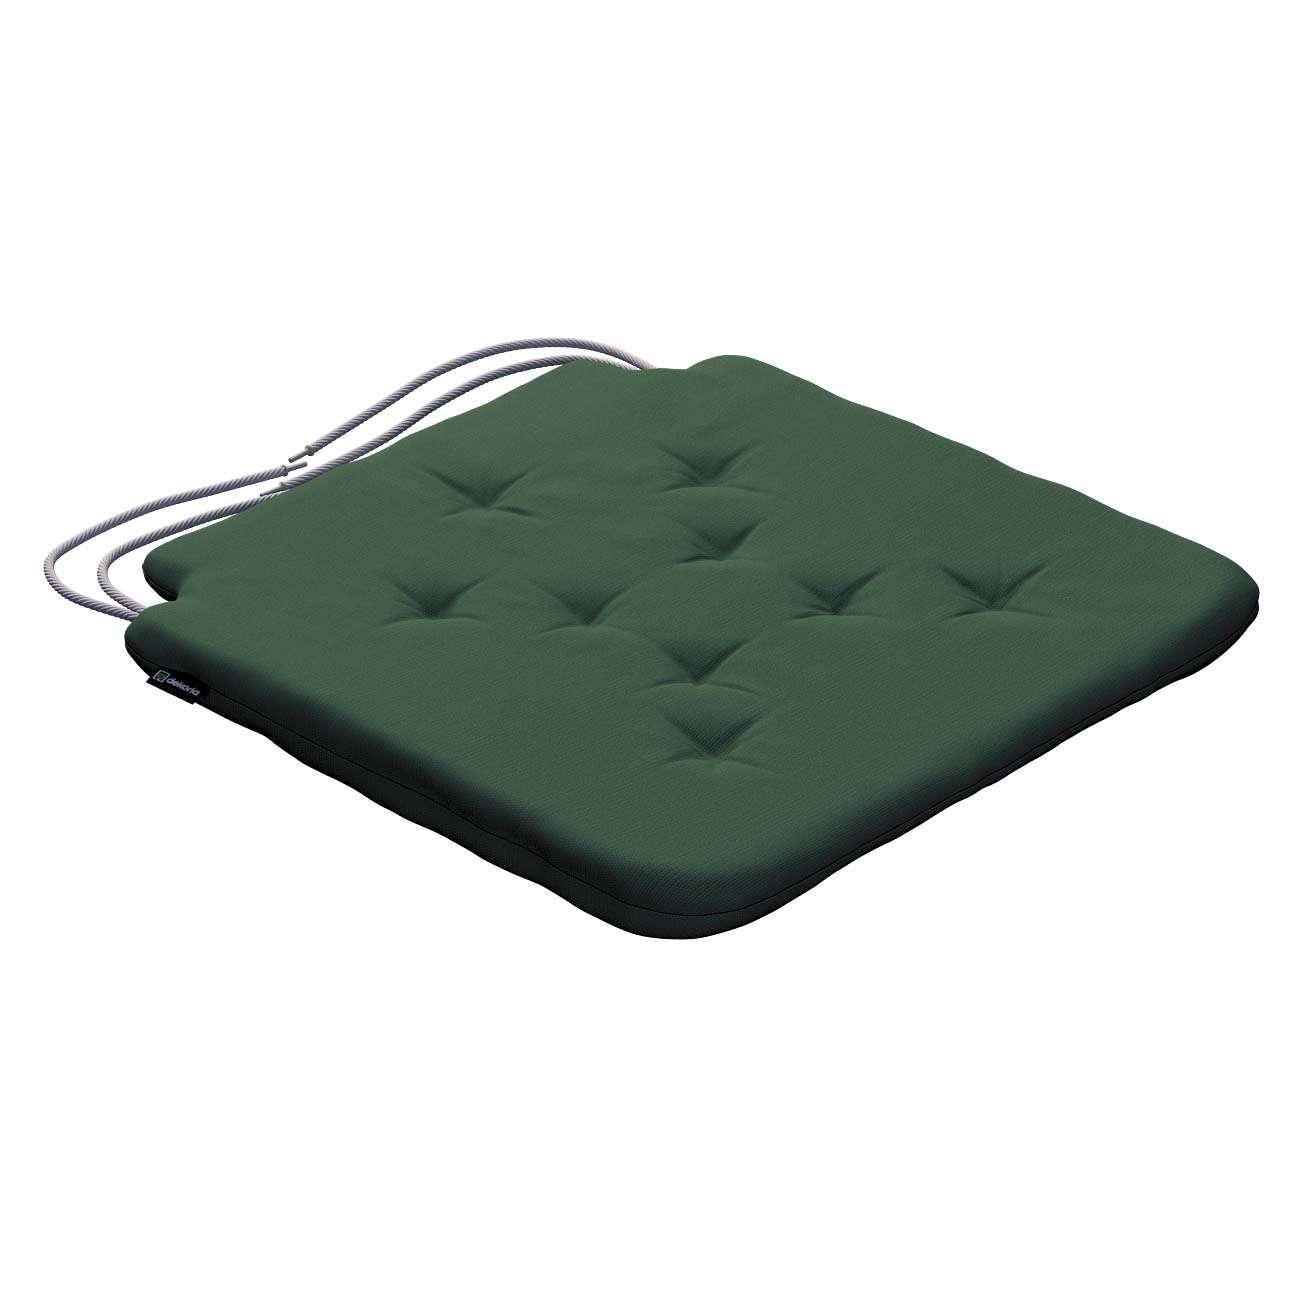 Siedzisko Olek na krzesło 42x41x3,5cm w kolekcji Cotton Panama, tkanina: 702-06